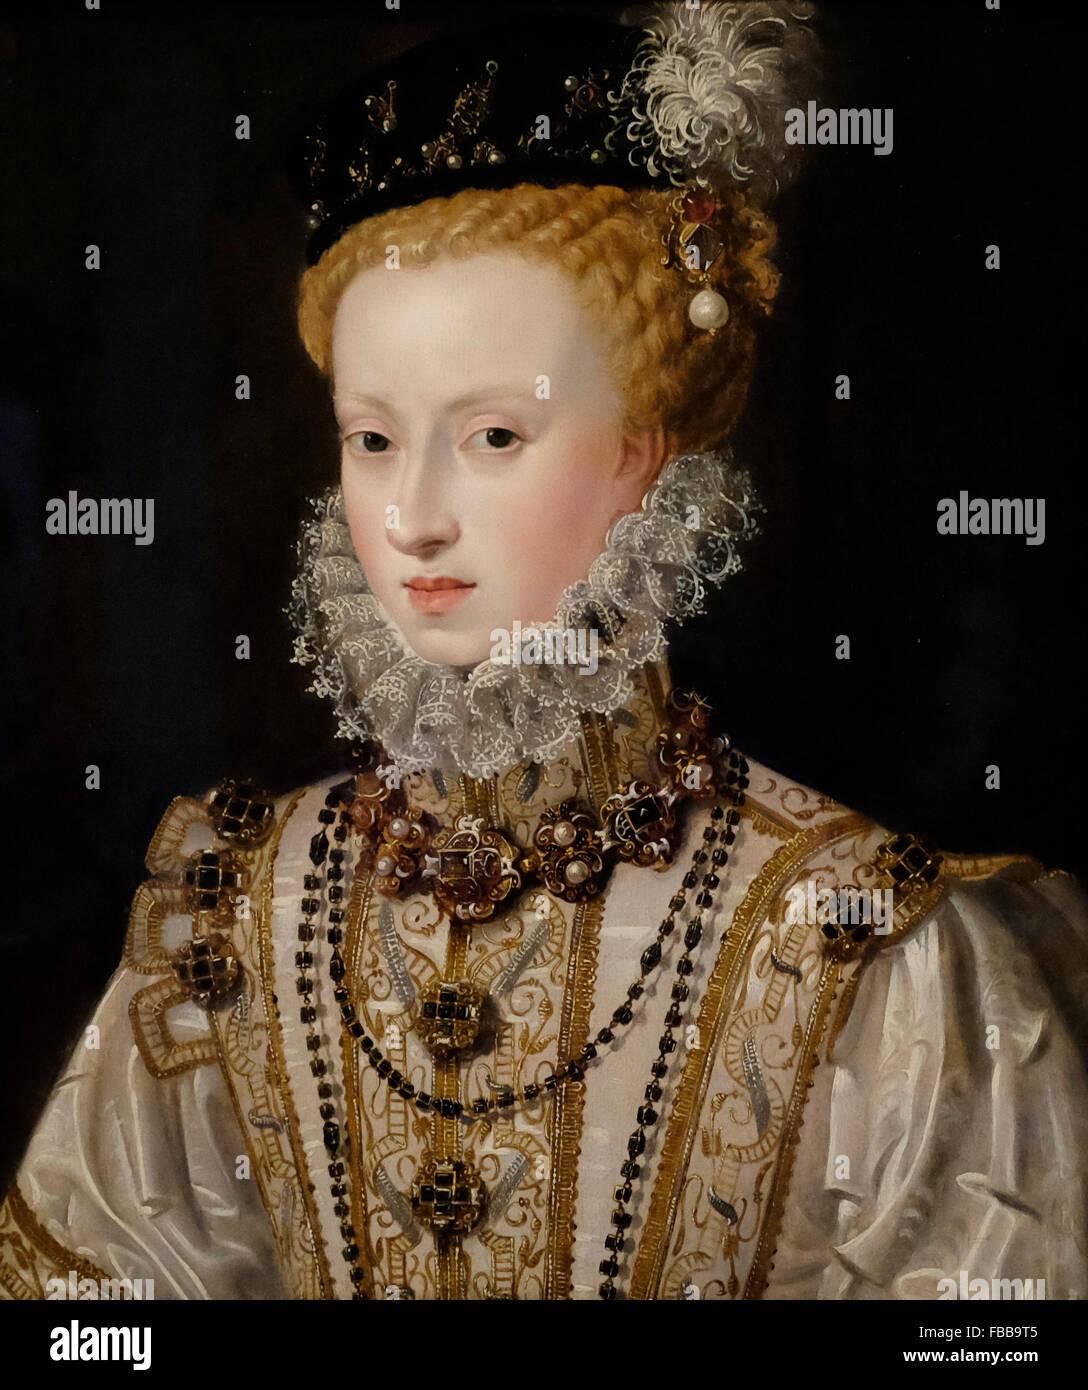 Anne of Austria - attributed to Alonso Sanchez Coello - circa 1578 - Stock Image